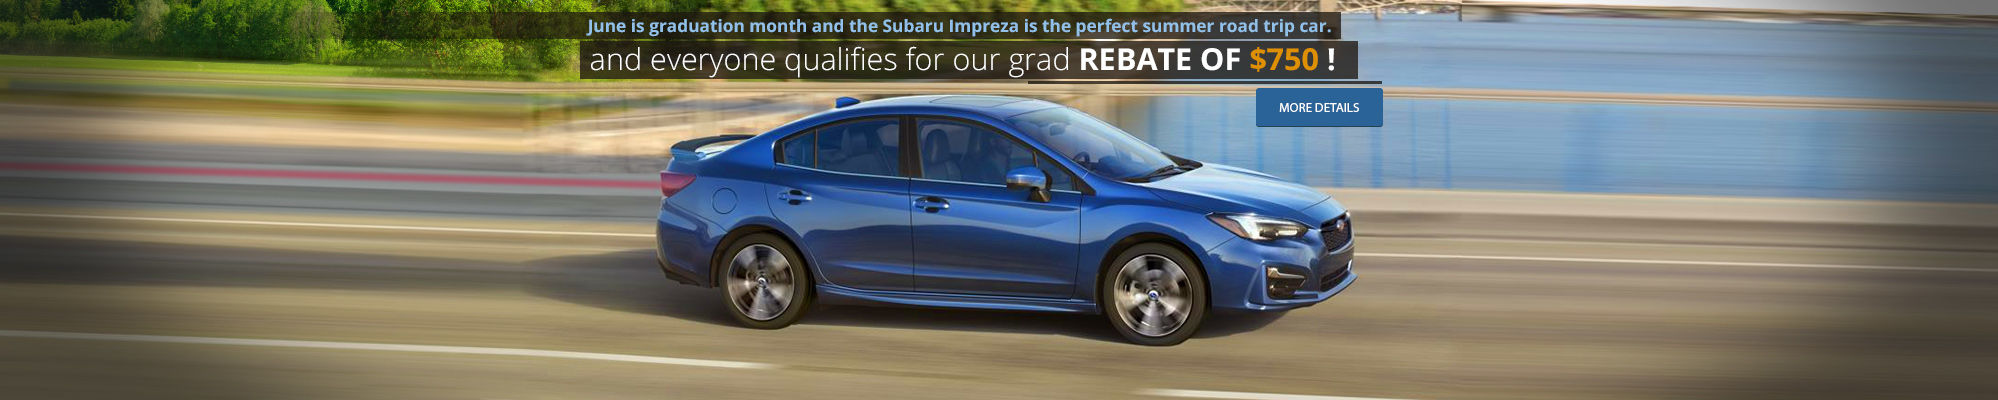 Subaru roadtrip - Rebate of $750 !